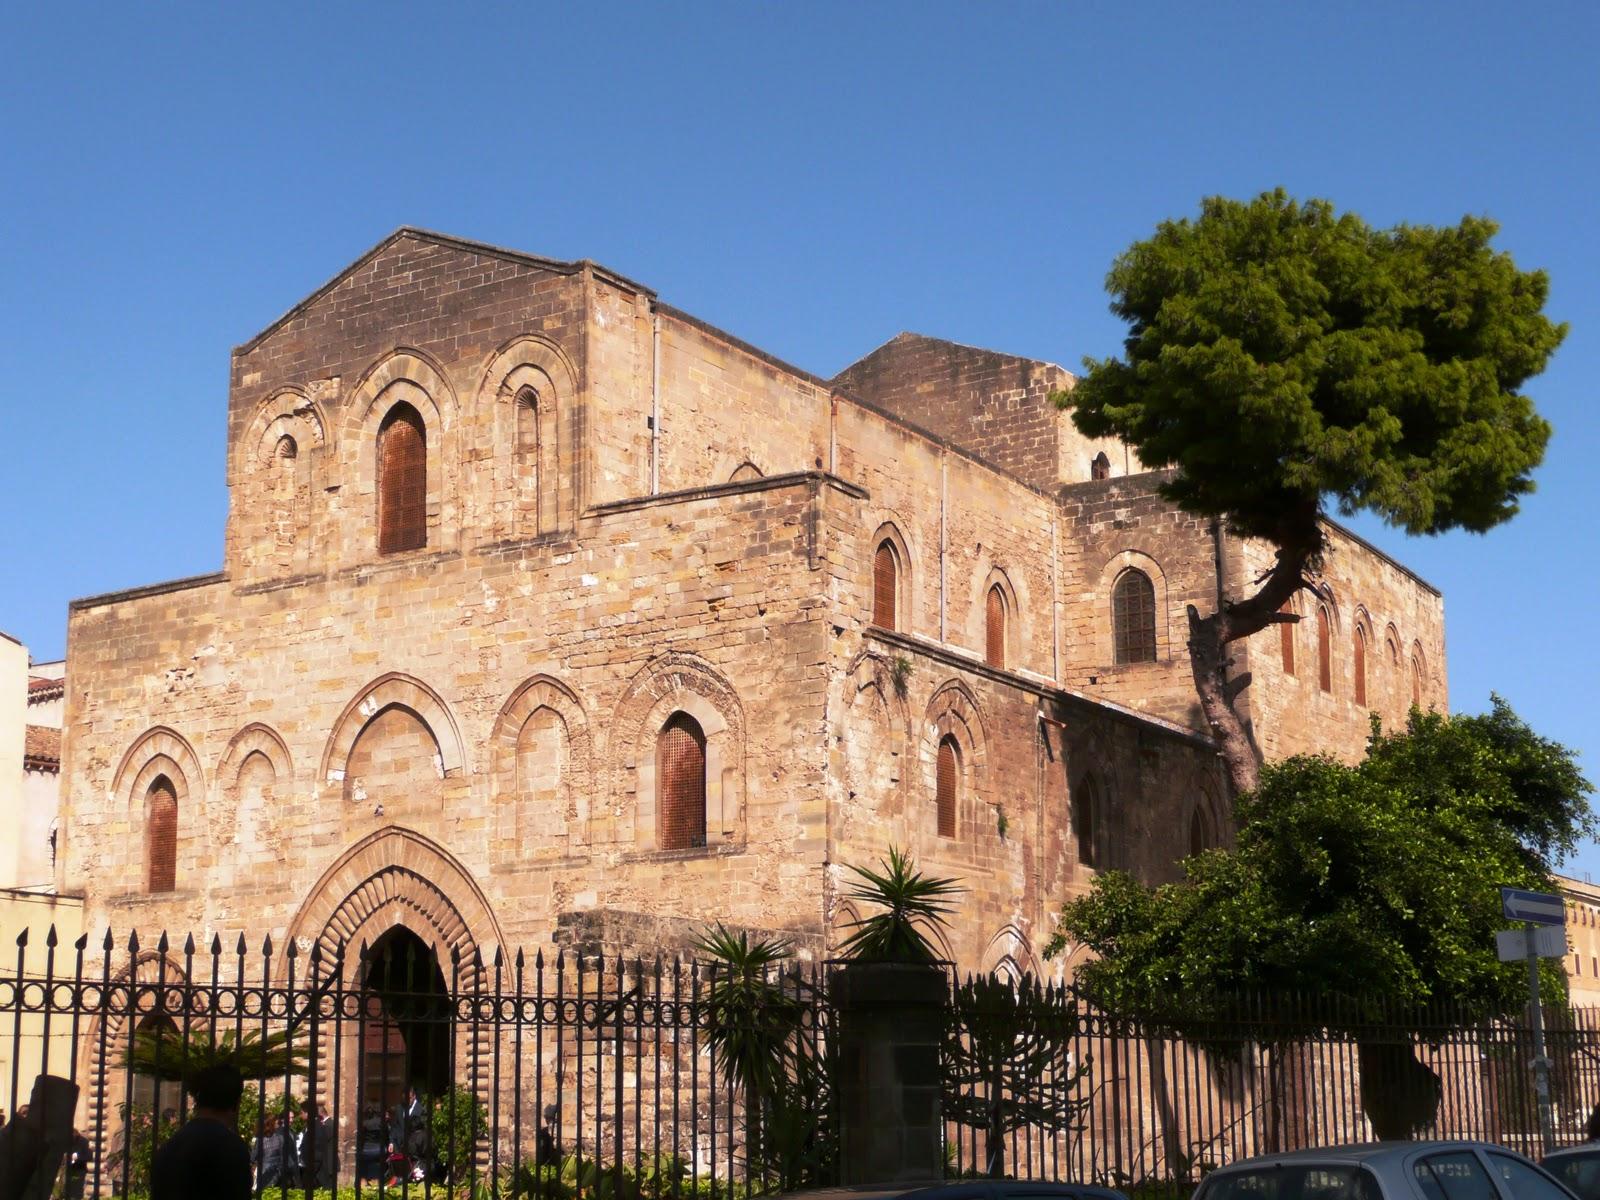 Domani a Palermo /10 La Magione   Milocca - Milena Libera